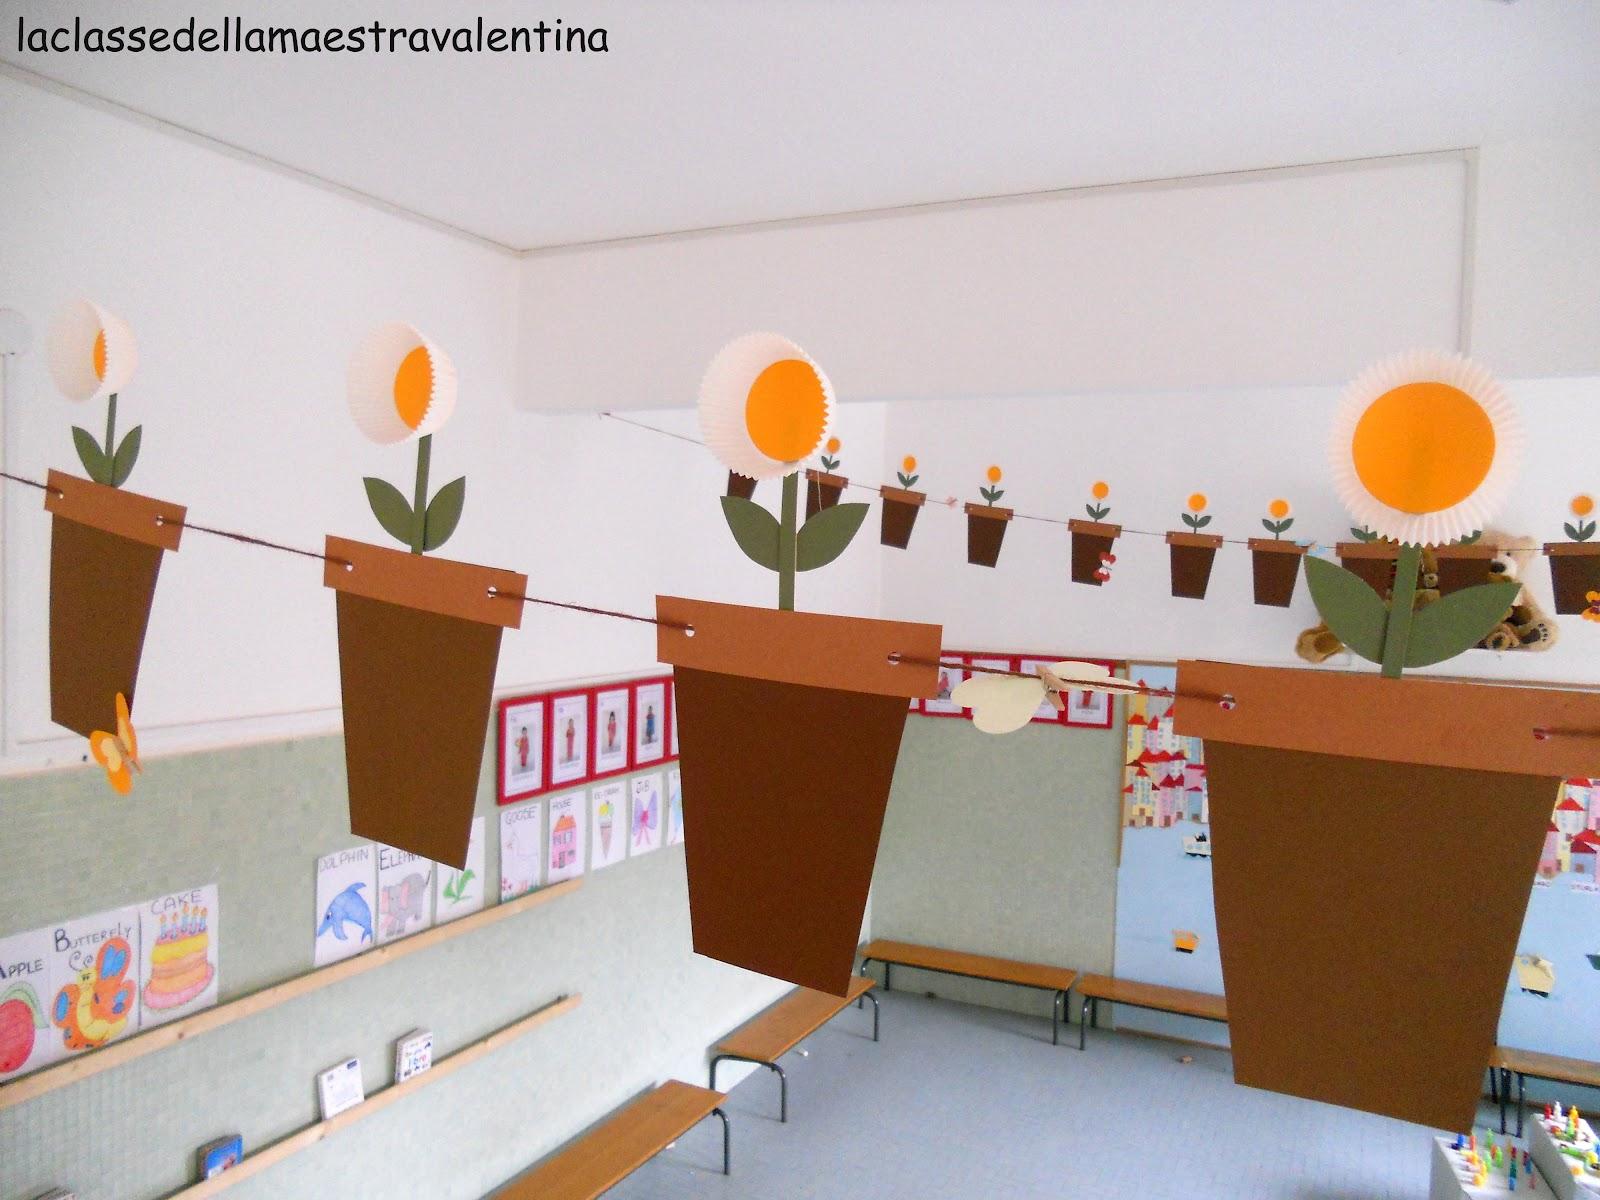 La classe della maestra valentina la mia classe adesso for La classe della maestra valentina primavera